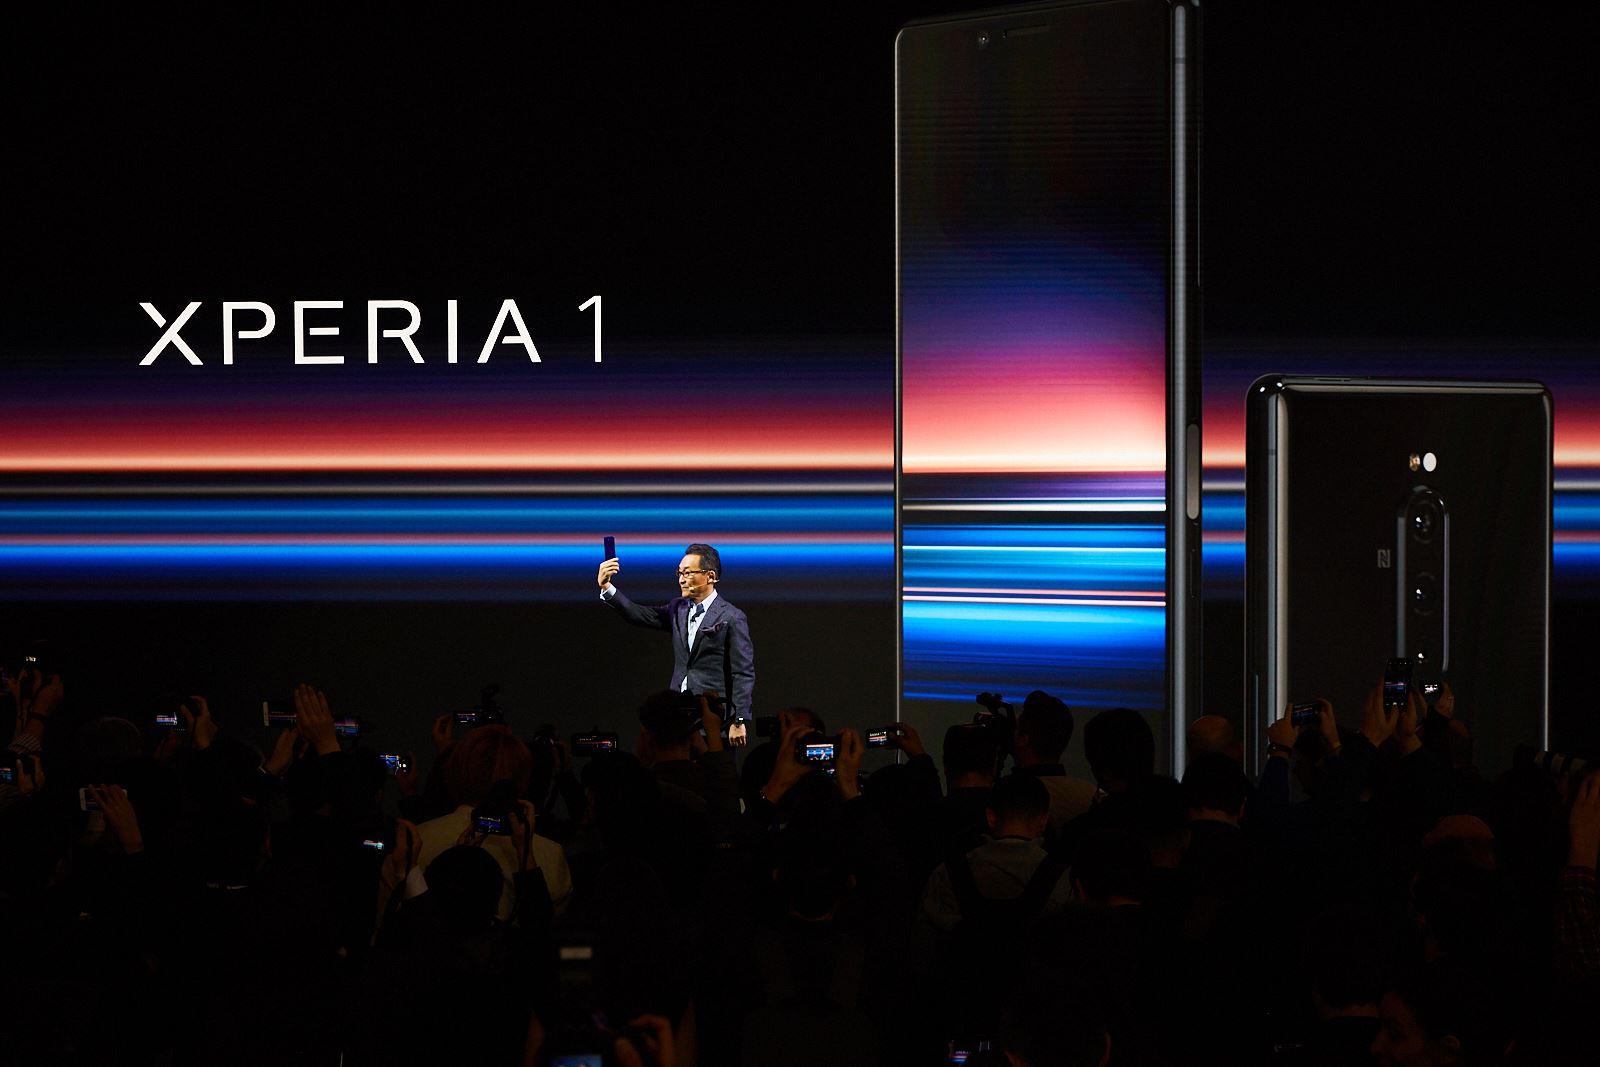 Sony hợp nhất 3 mảng điện thoại, máy ảnh, truyền hình làm một, quyết tâm vực dậy smartphone Xperia